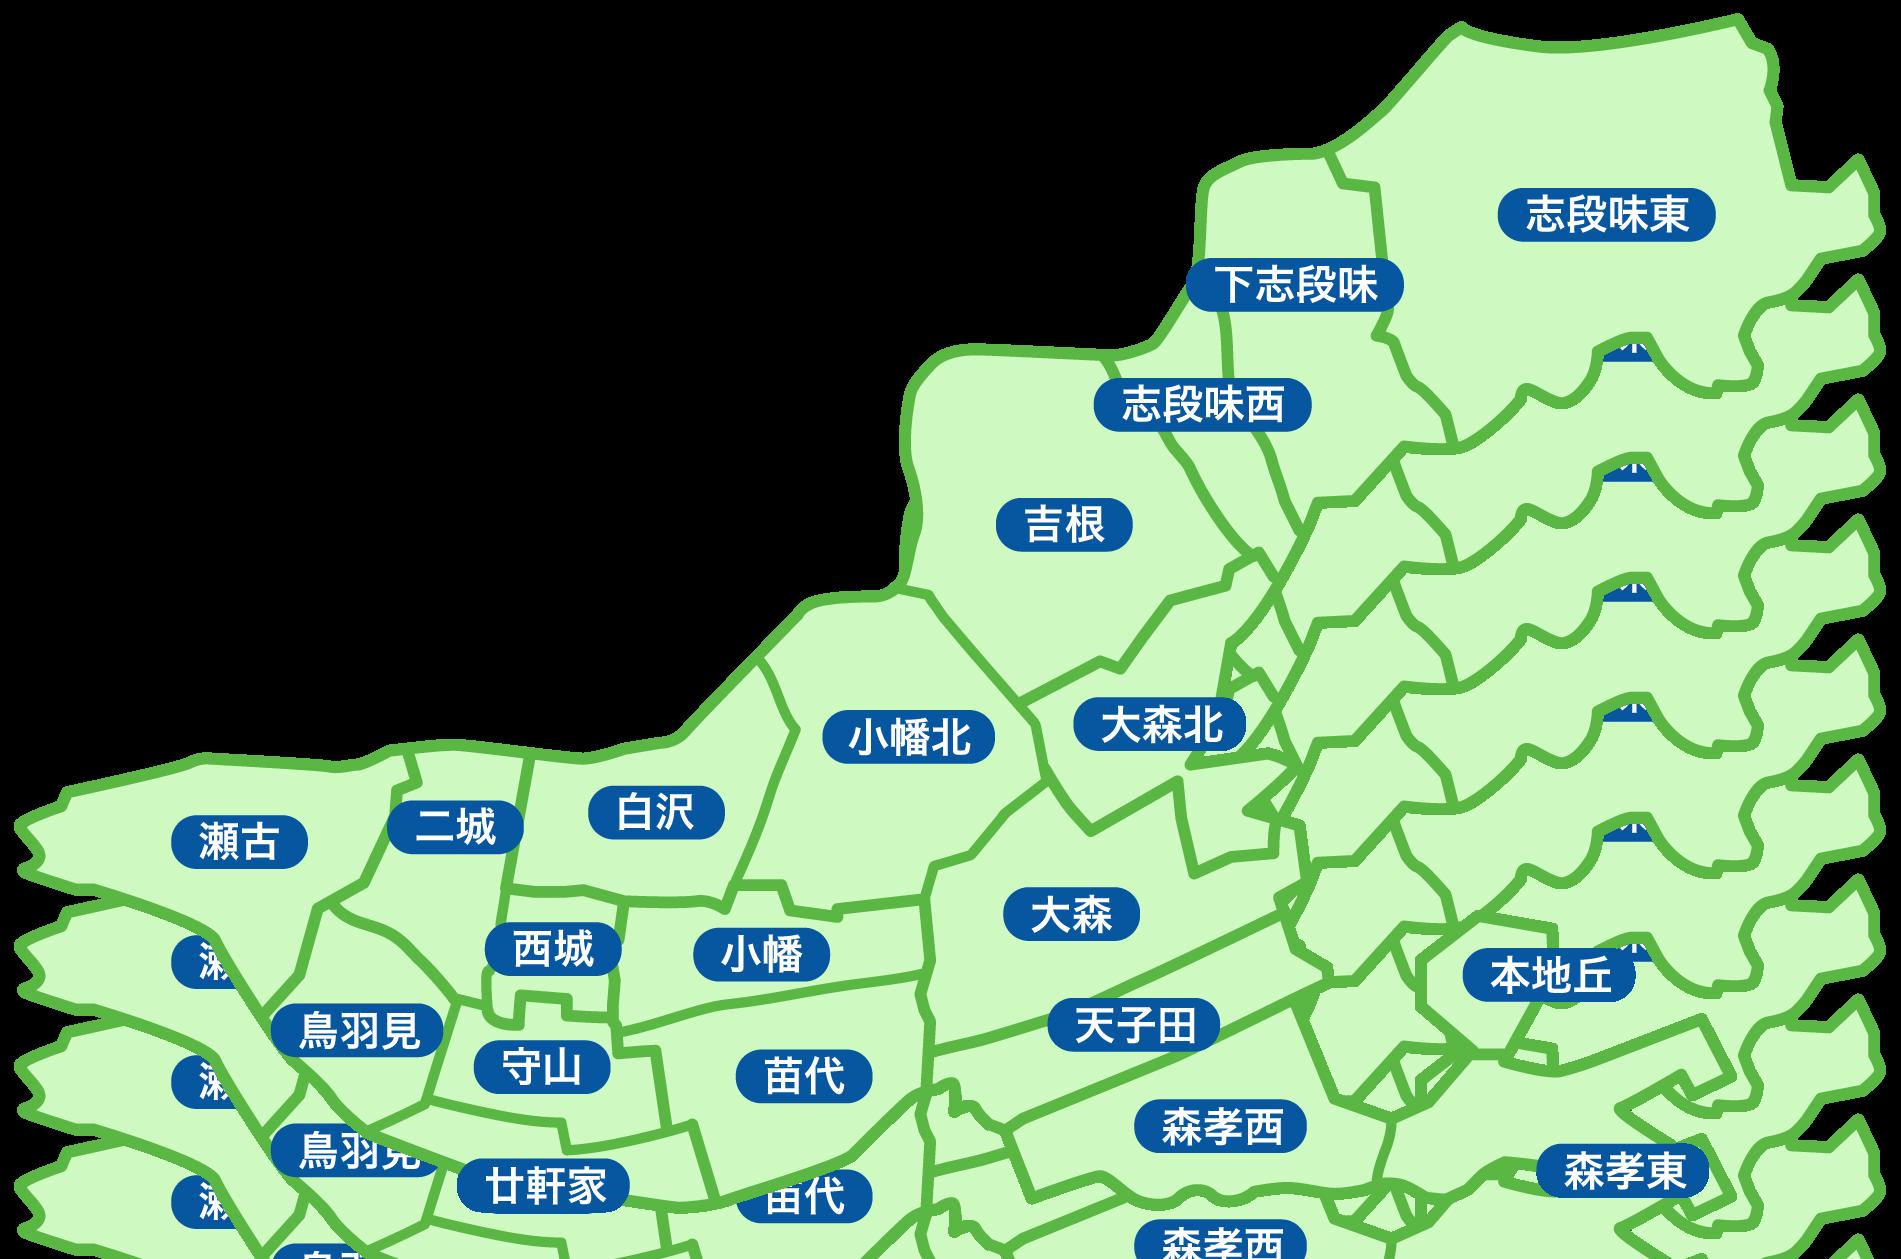 学区情報地図